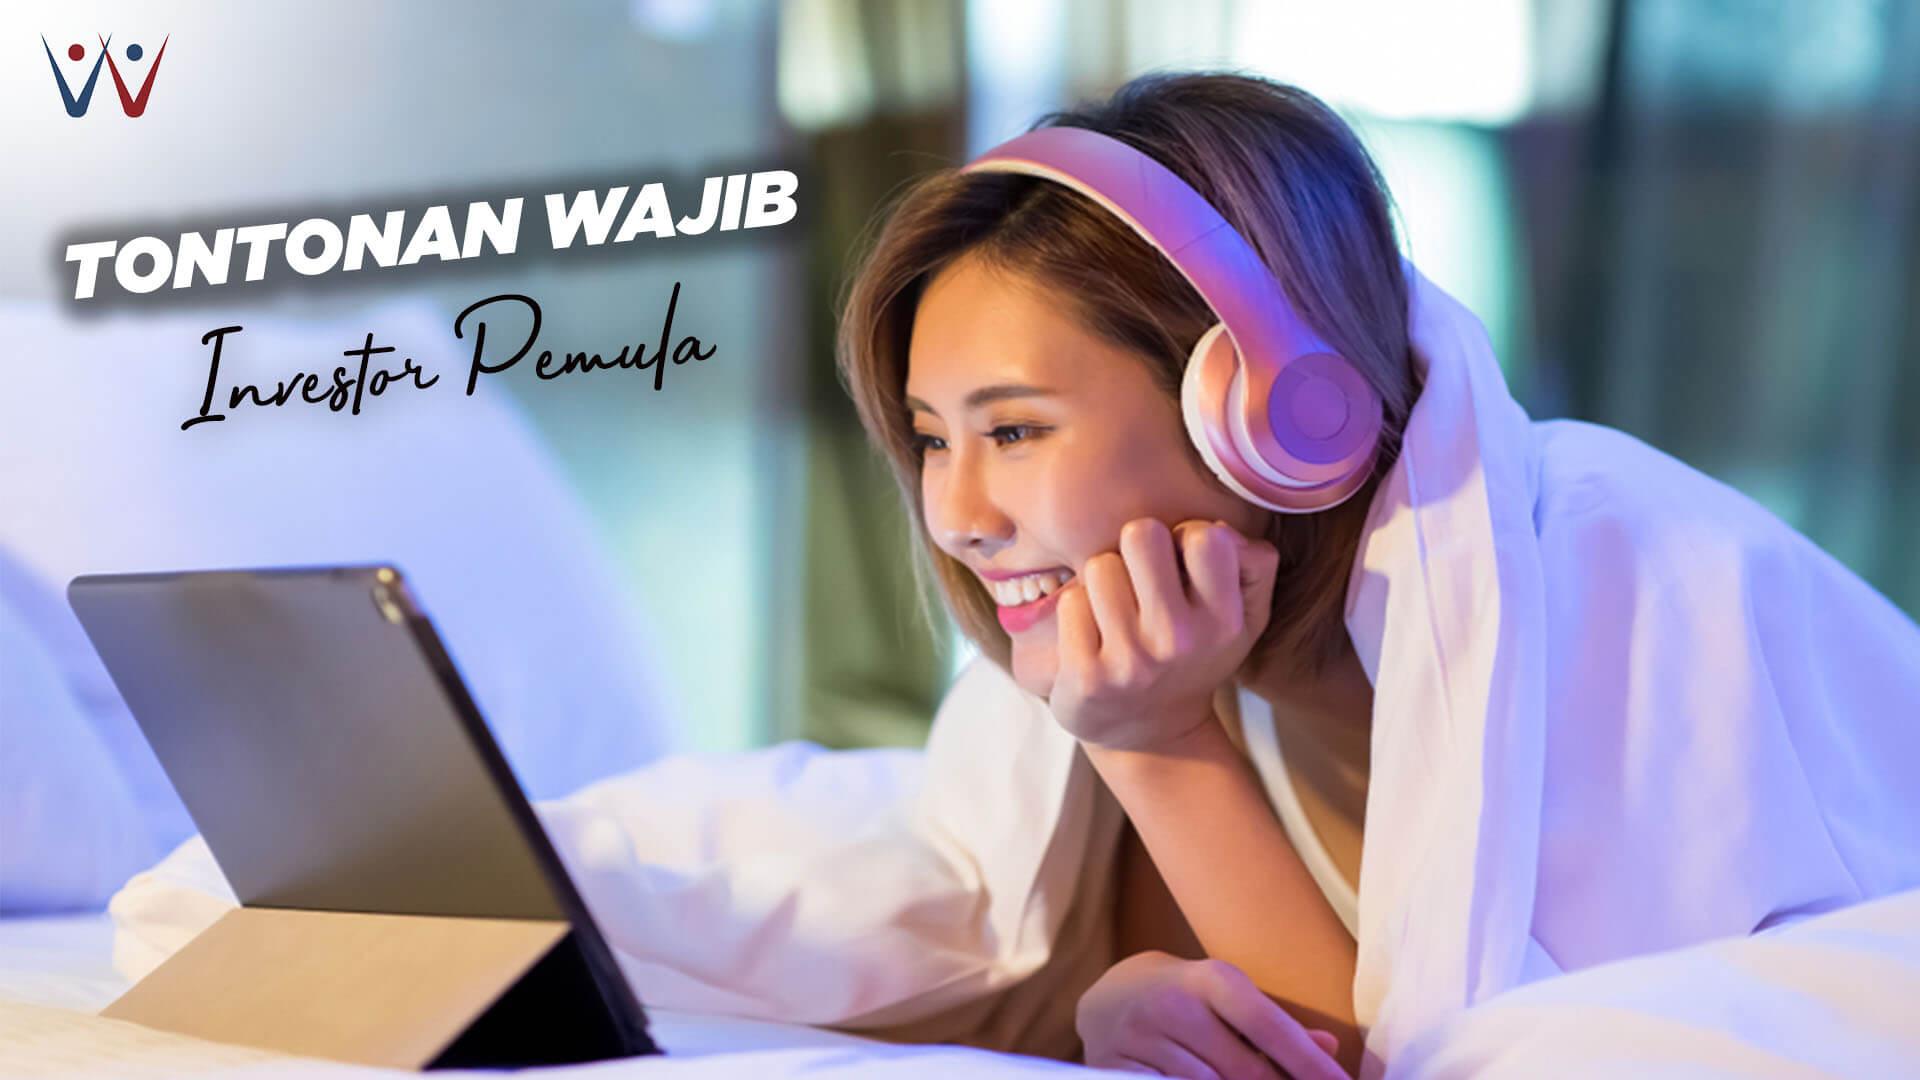 Tontonan Wajib Investor Pemula (1)